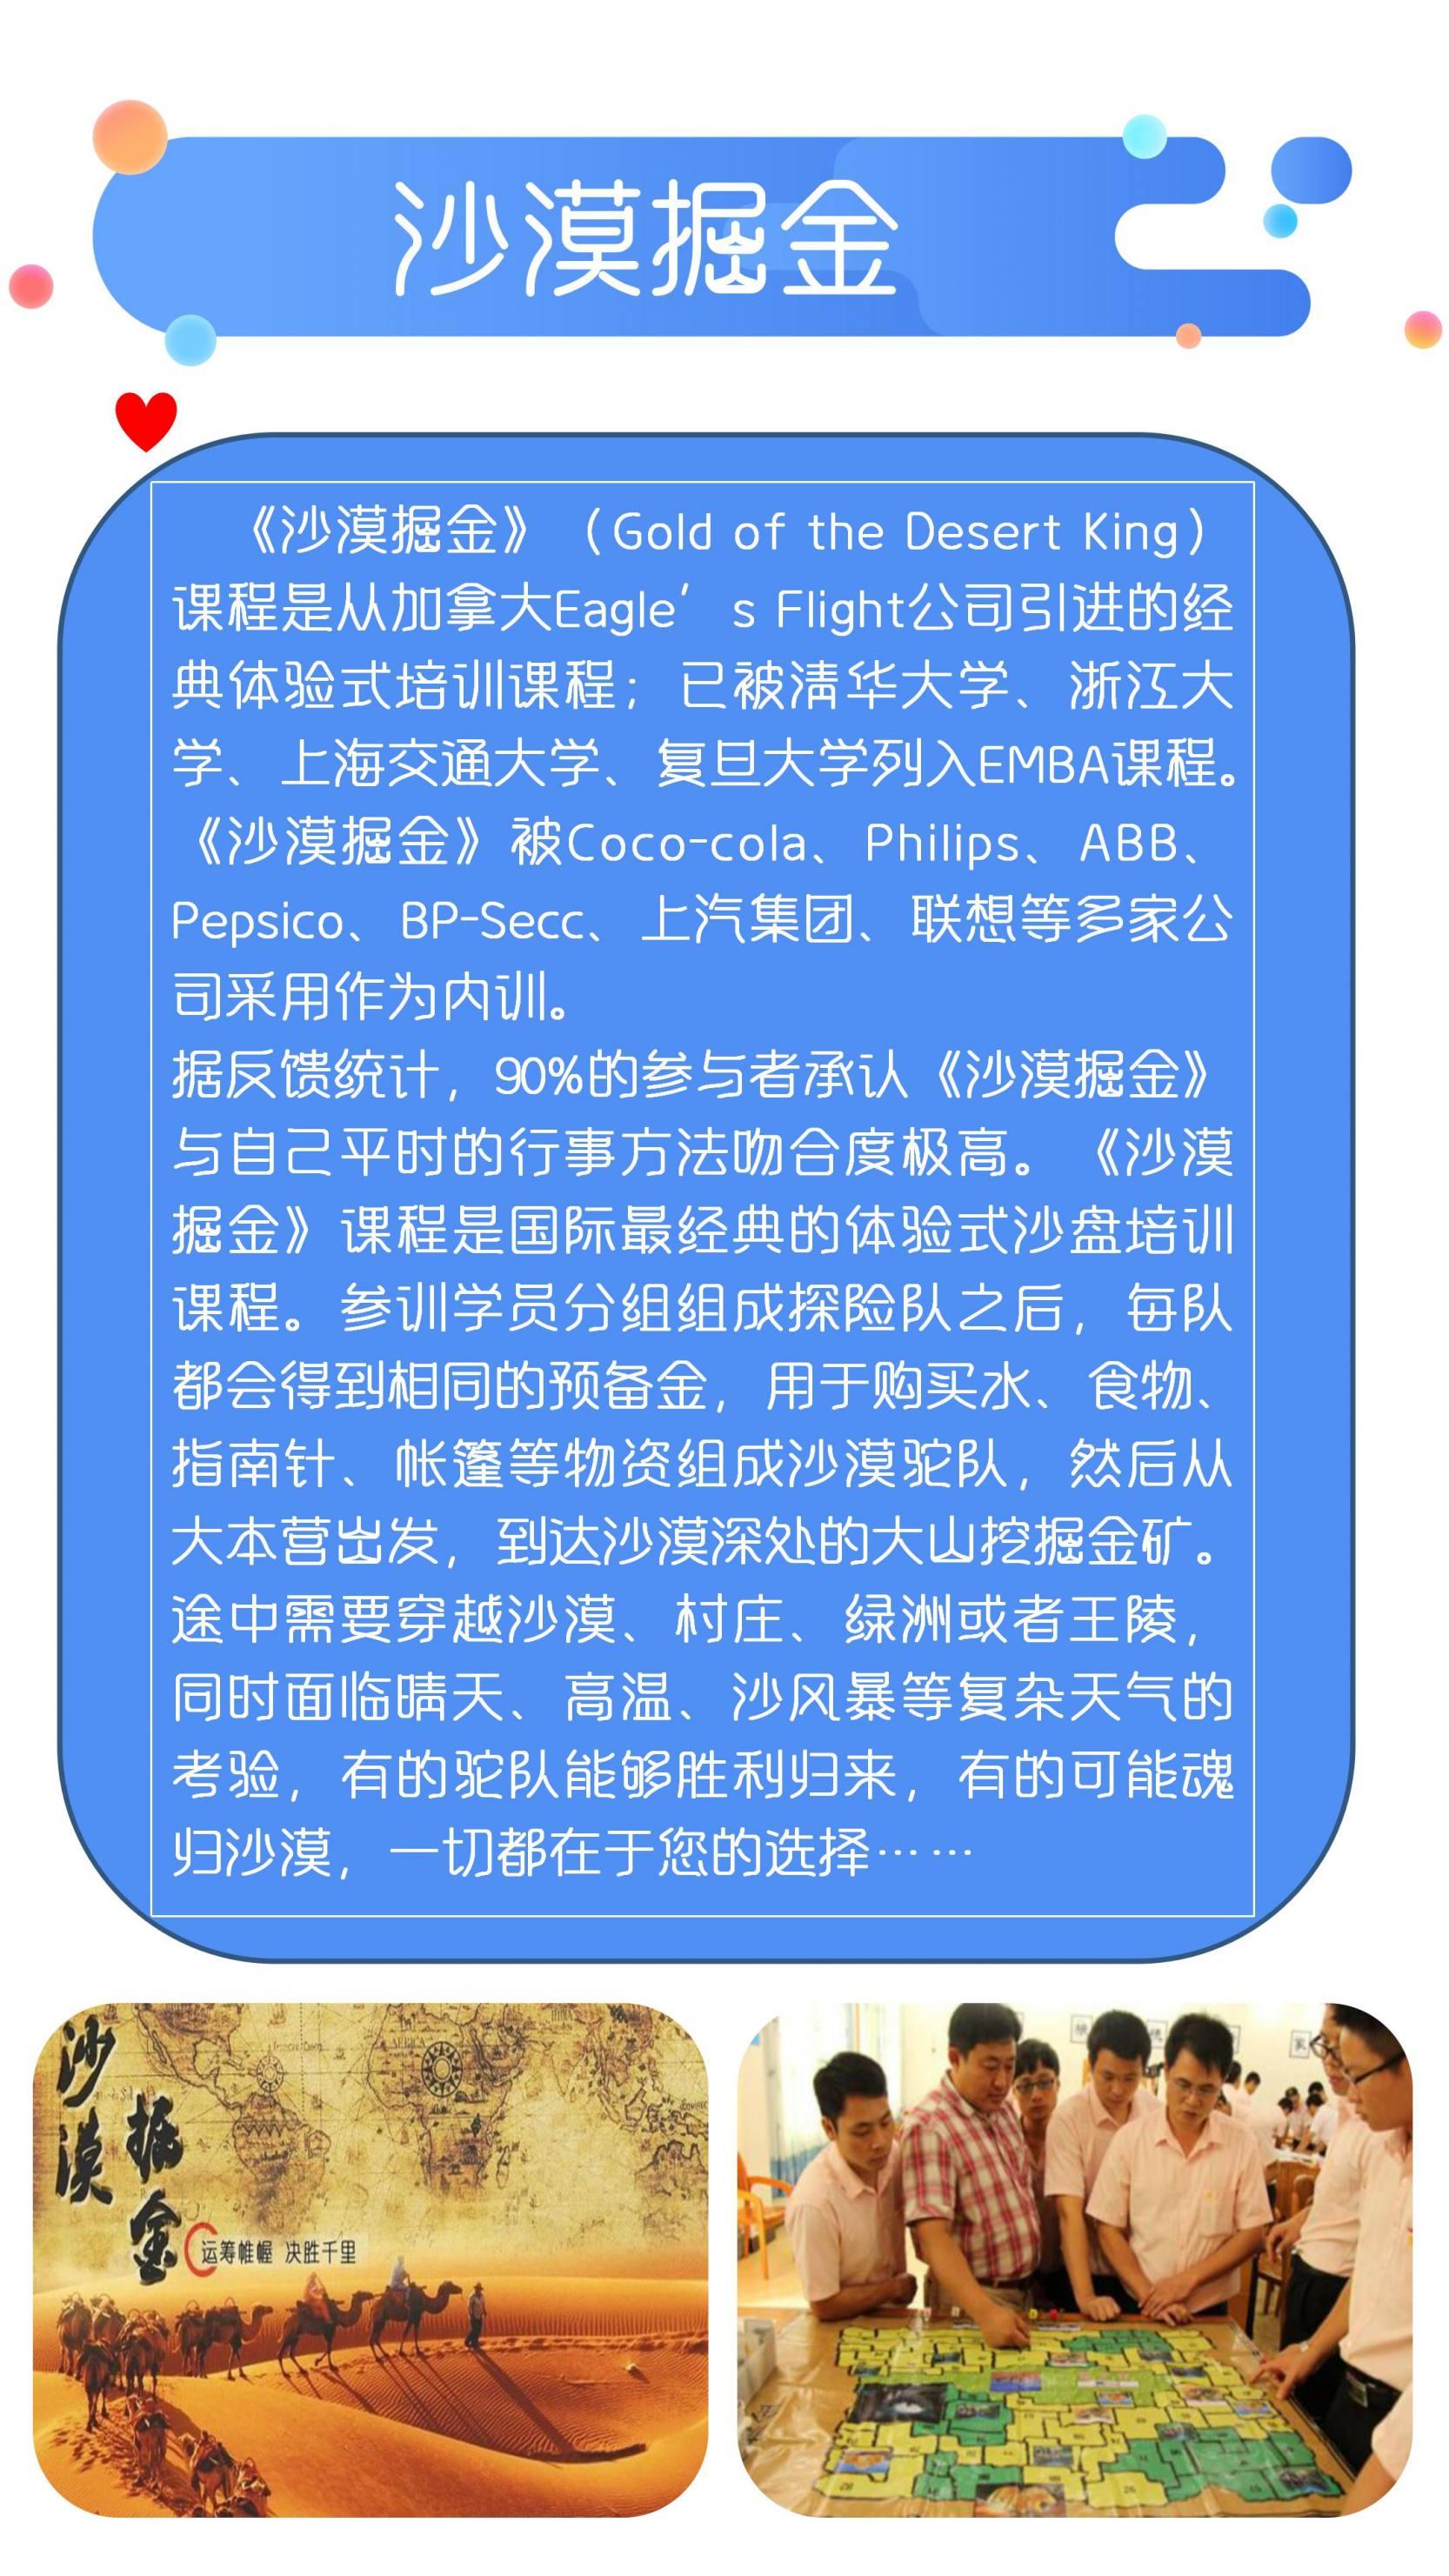 匠心筑梦,砥砺前行-网站上传版_12